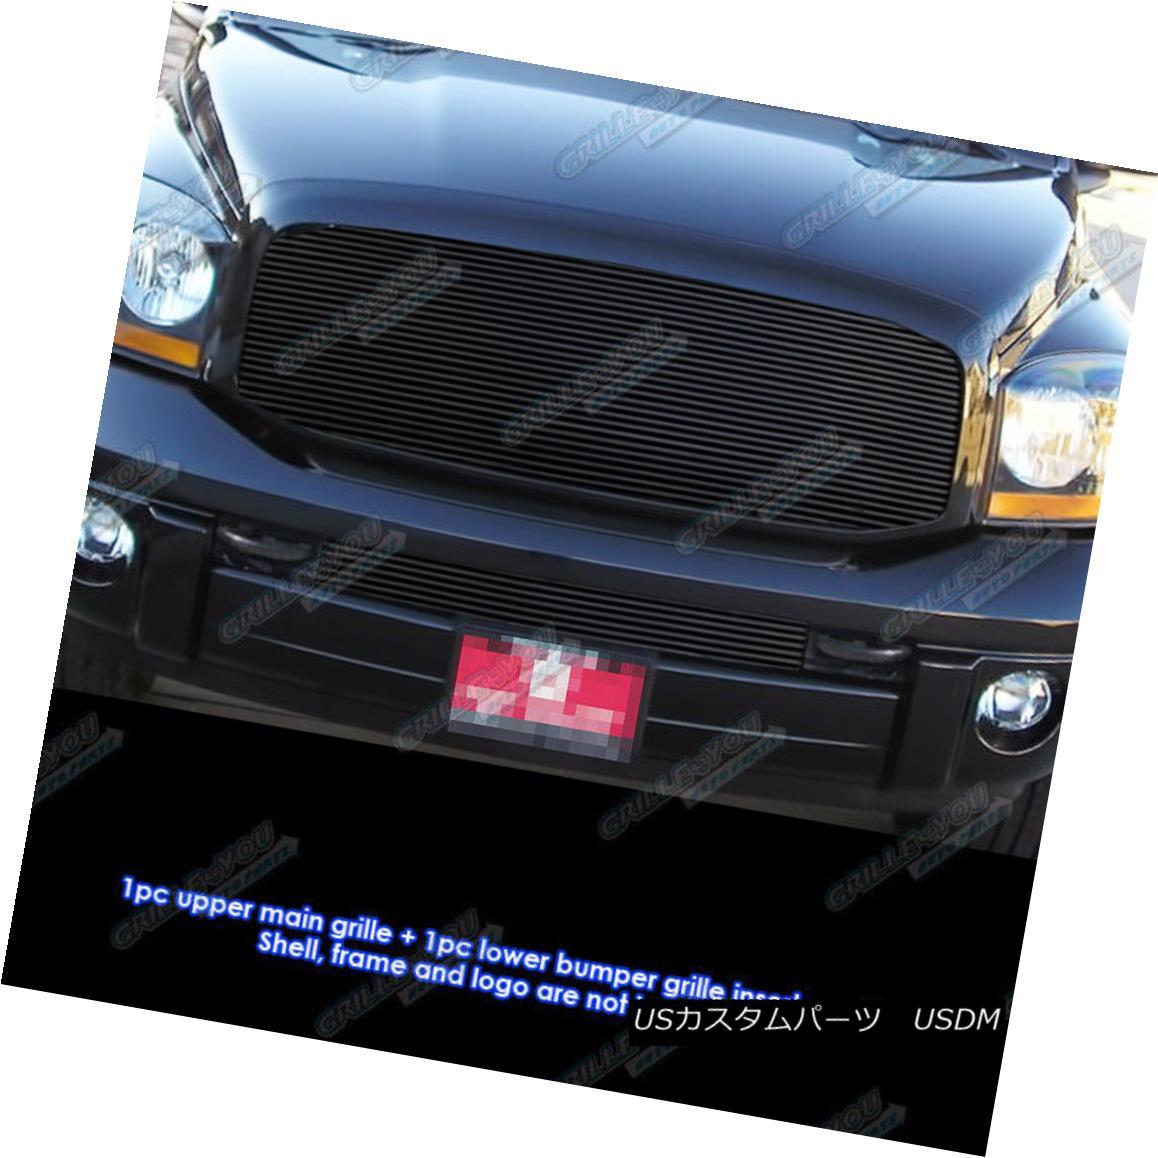 グリル Fits 2006-2008 Dodge Ram Pickup Black Billet Grille Combo フィット2006-2008ダッジラムピックアップブラックビレットグリルコンボ